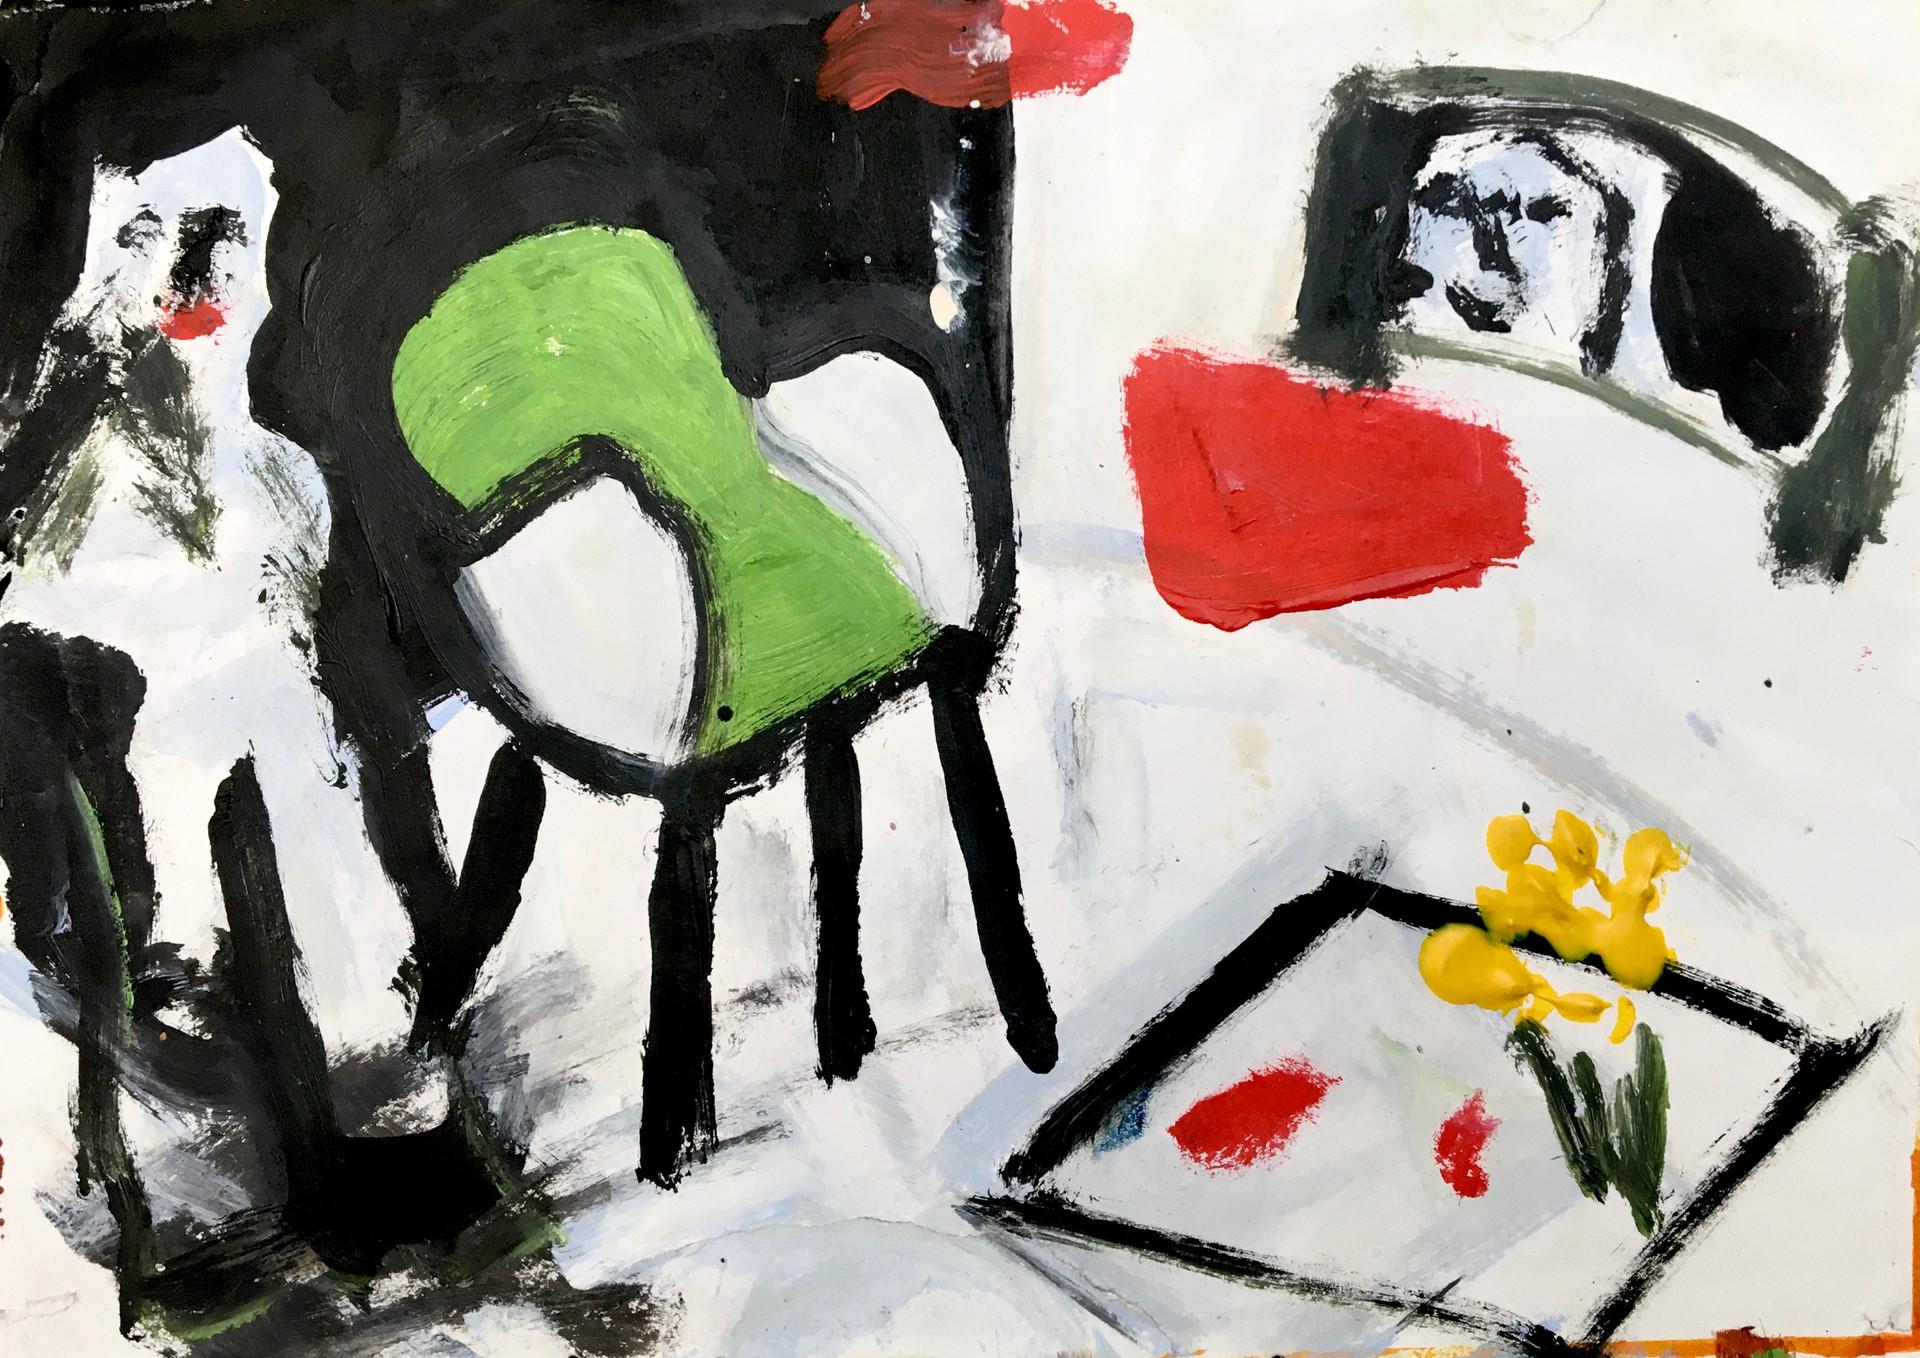 Peekaboo, 2017, oil and acrylic on canvas, 29 x 20.5 cm